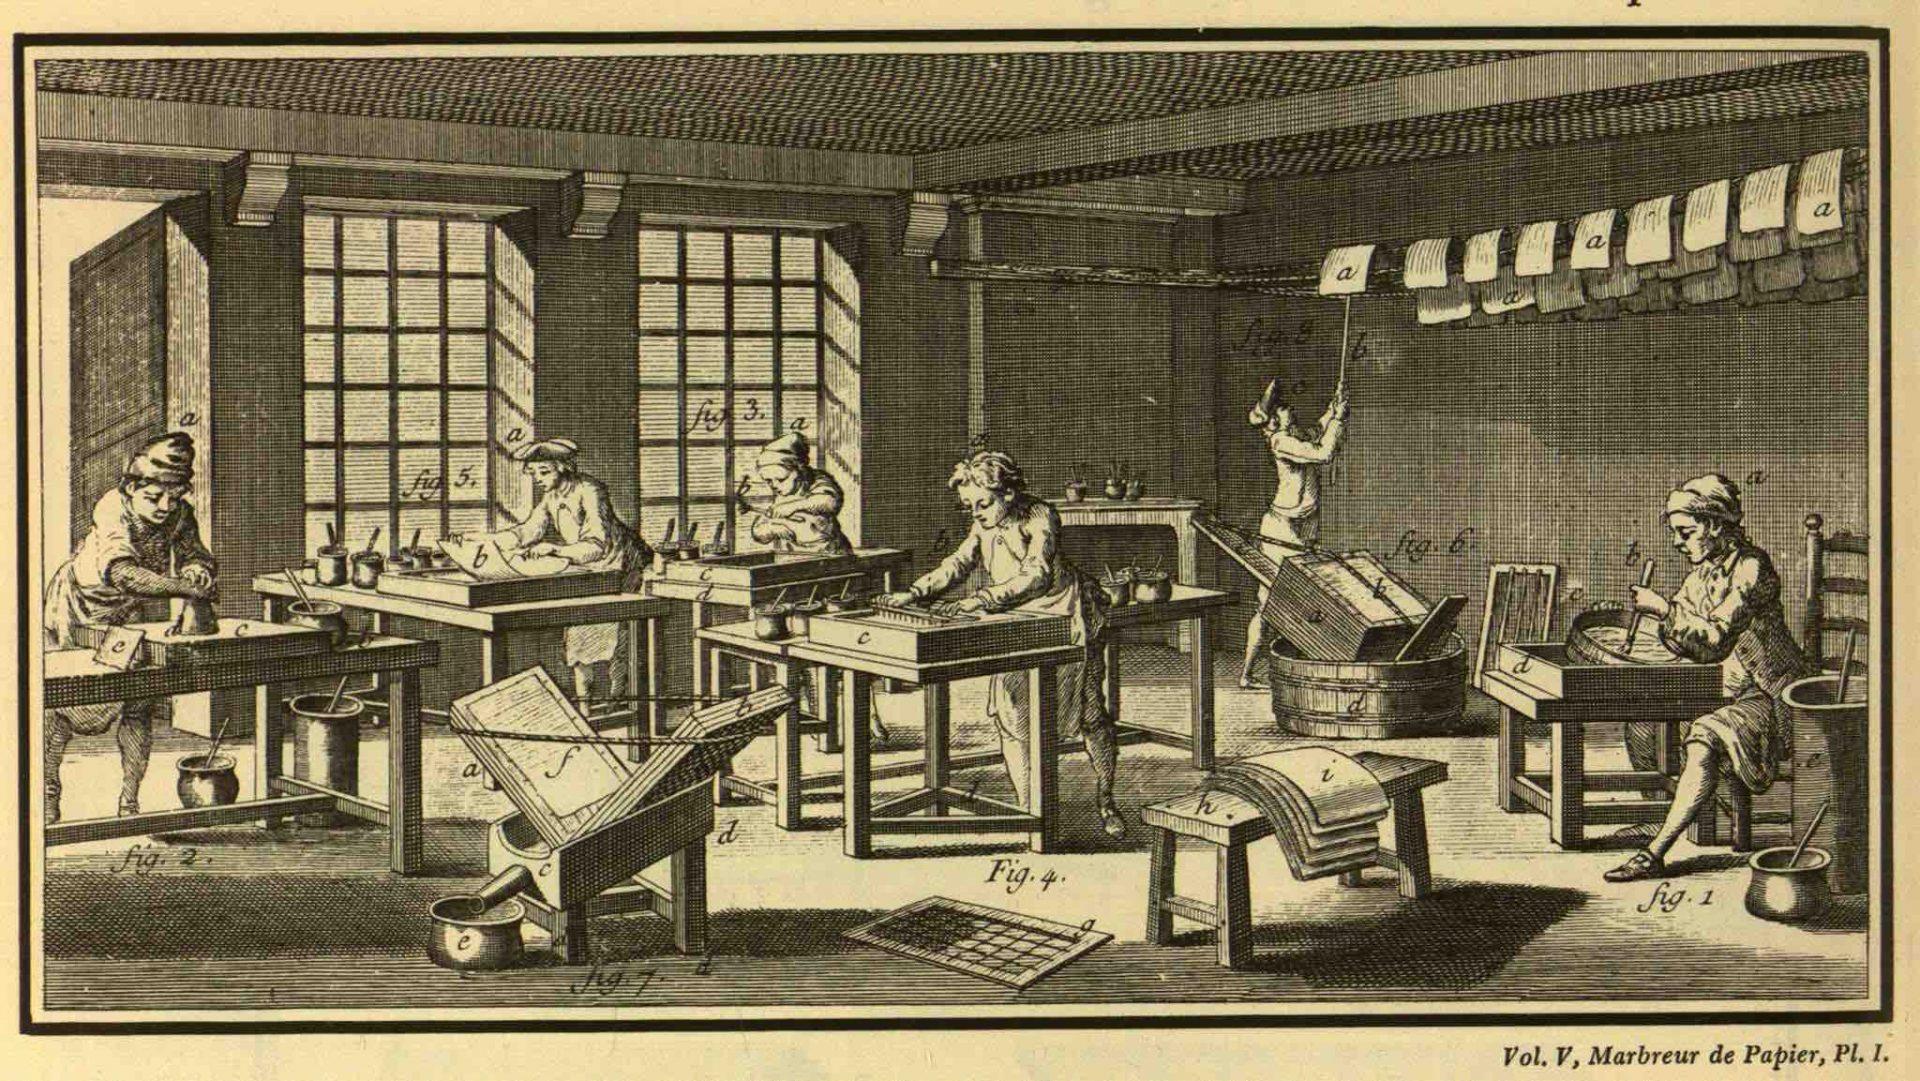 Encyklopedie ou dictionnaire raisonne des sciences, des arts et des metiers, edited by Denis Diderot and Jean le Rond d`Alembert (35 volumes, issued 1751-80, Paris)